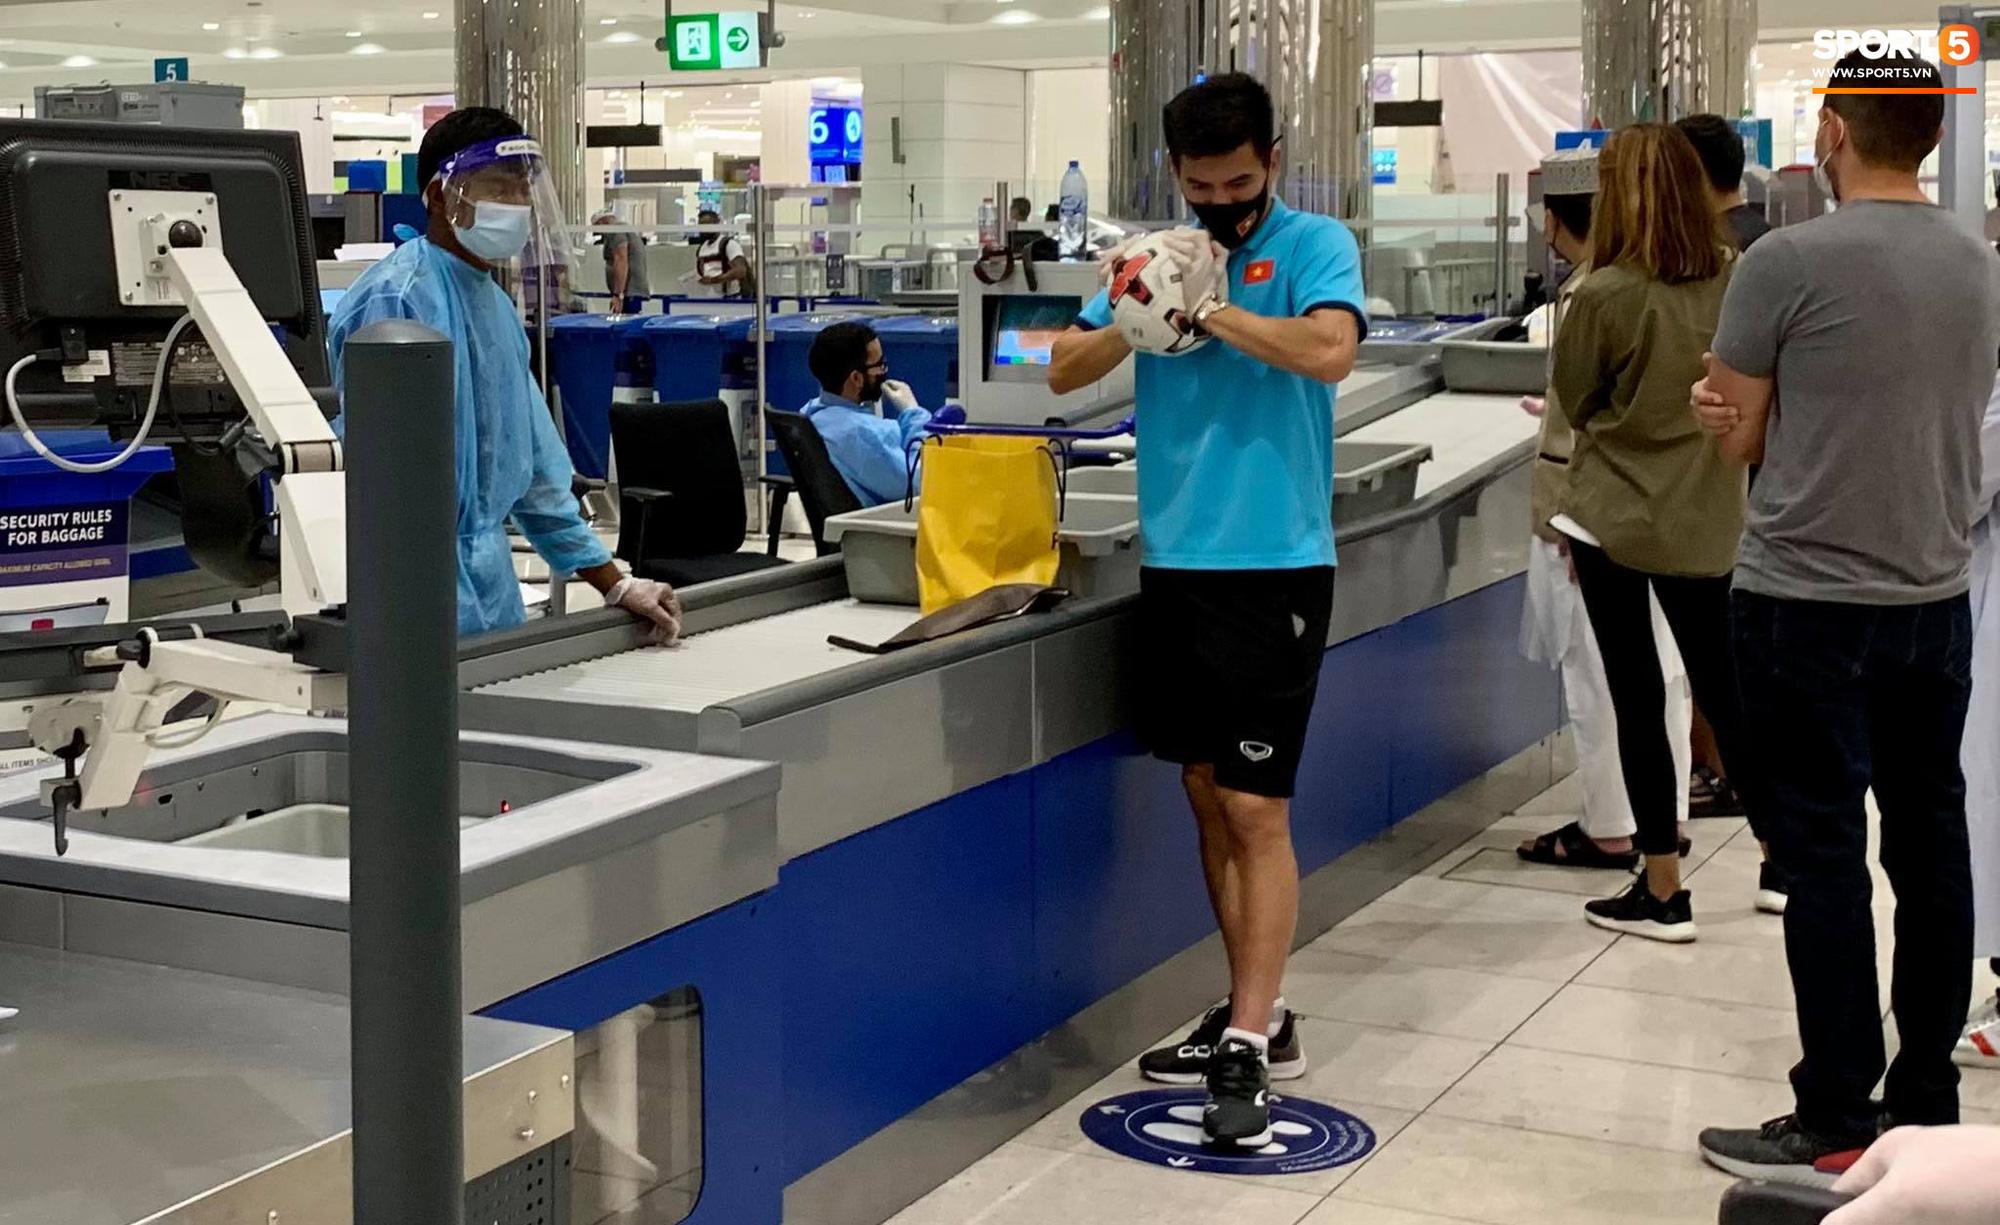 Tuyển Việt Nam lên chuyến bay lúc nửa đêm để về nước sau khi giành được chiến tích lịch sử tại vòng loại World Cup - Ảnh 7.